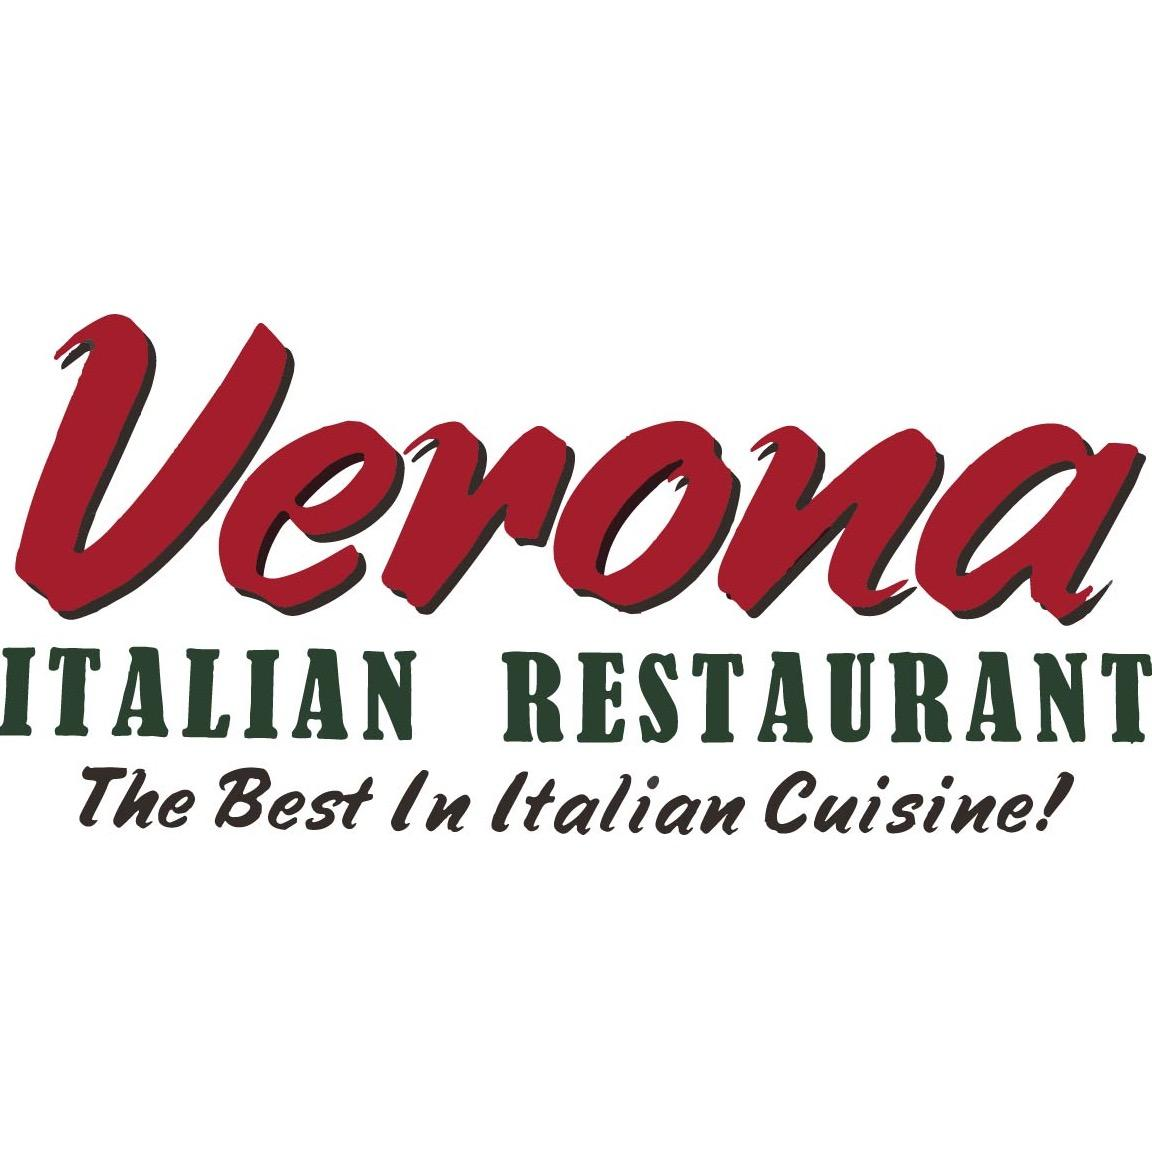 Verona Italian Restaurant - Conway, AR 72032 - (501)358-6801 | ShowMeLocal.com